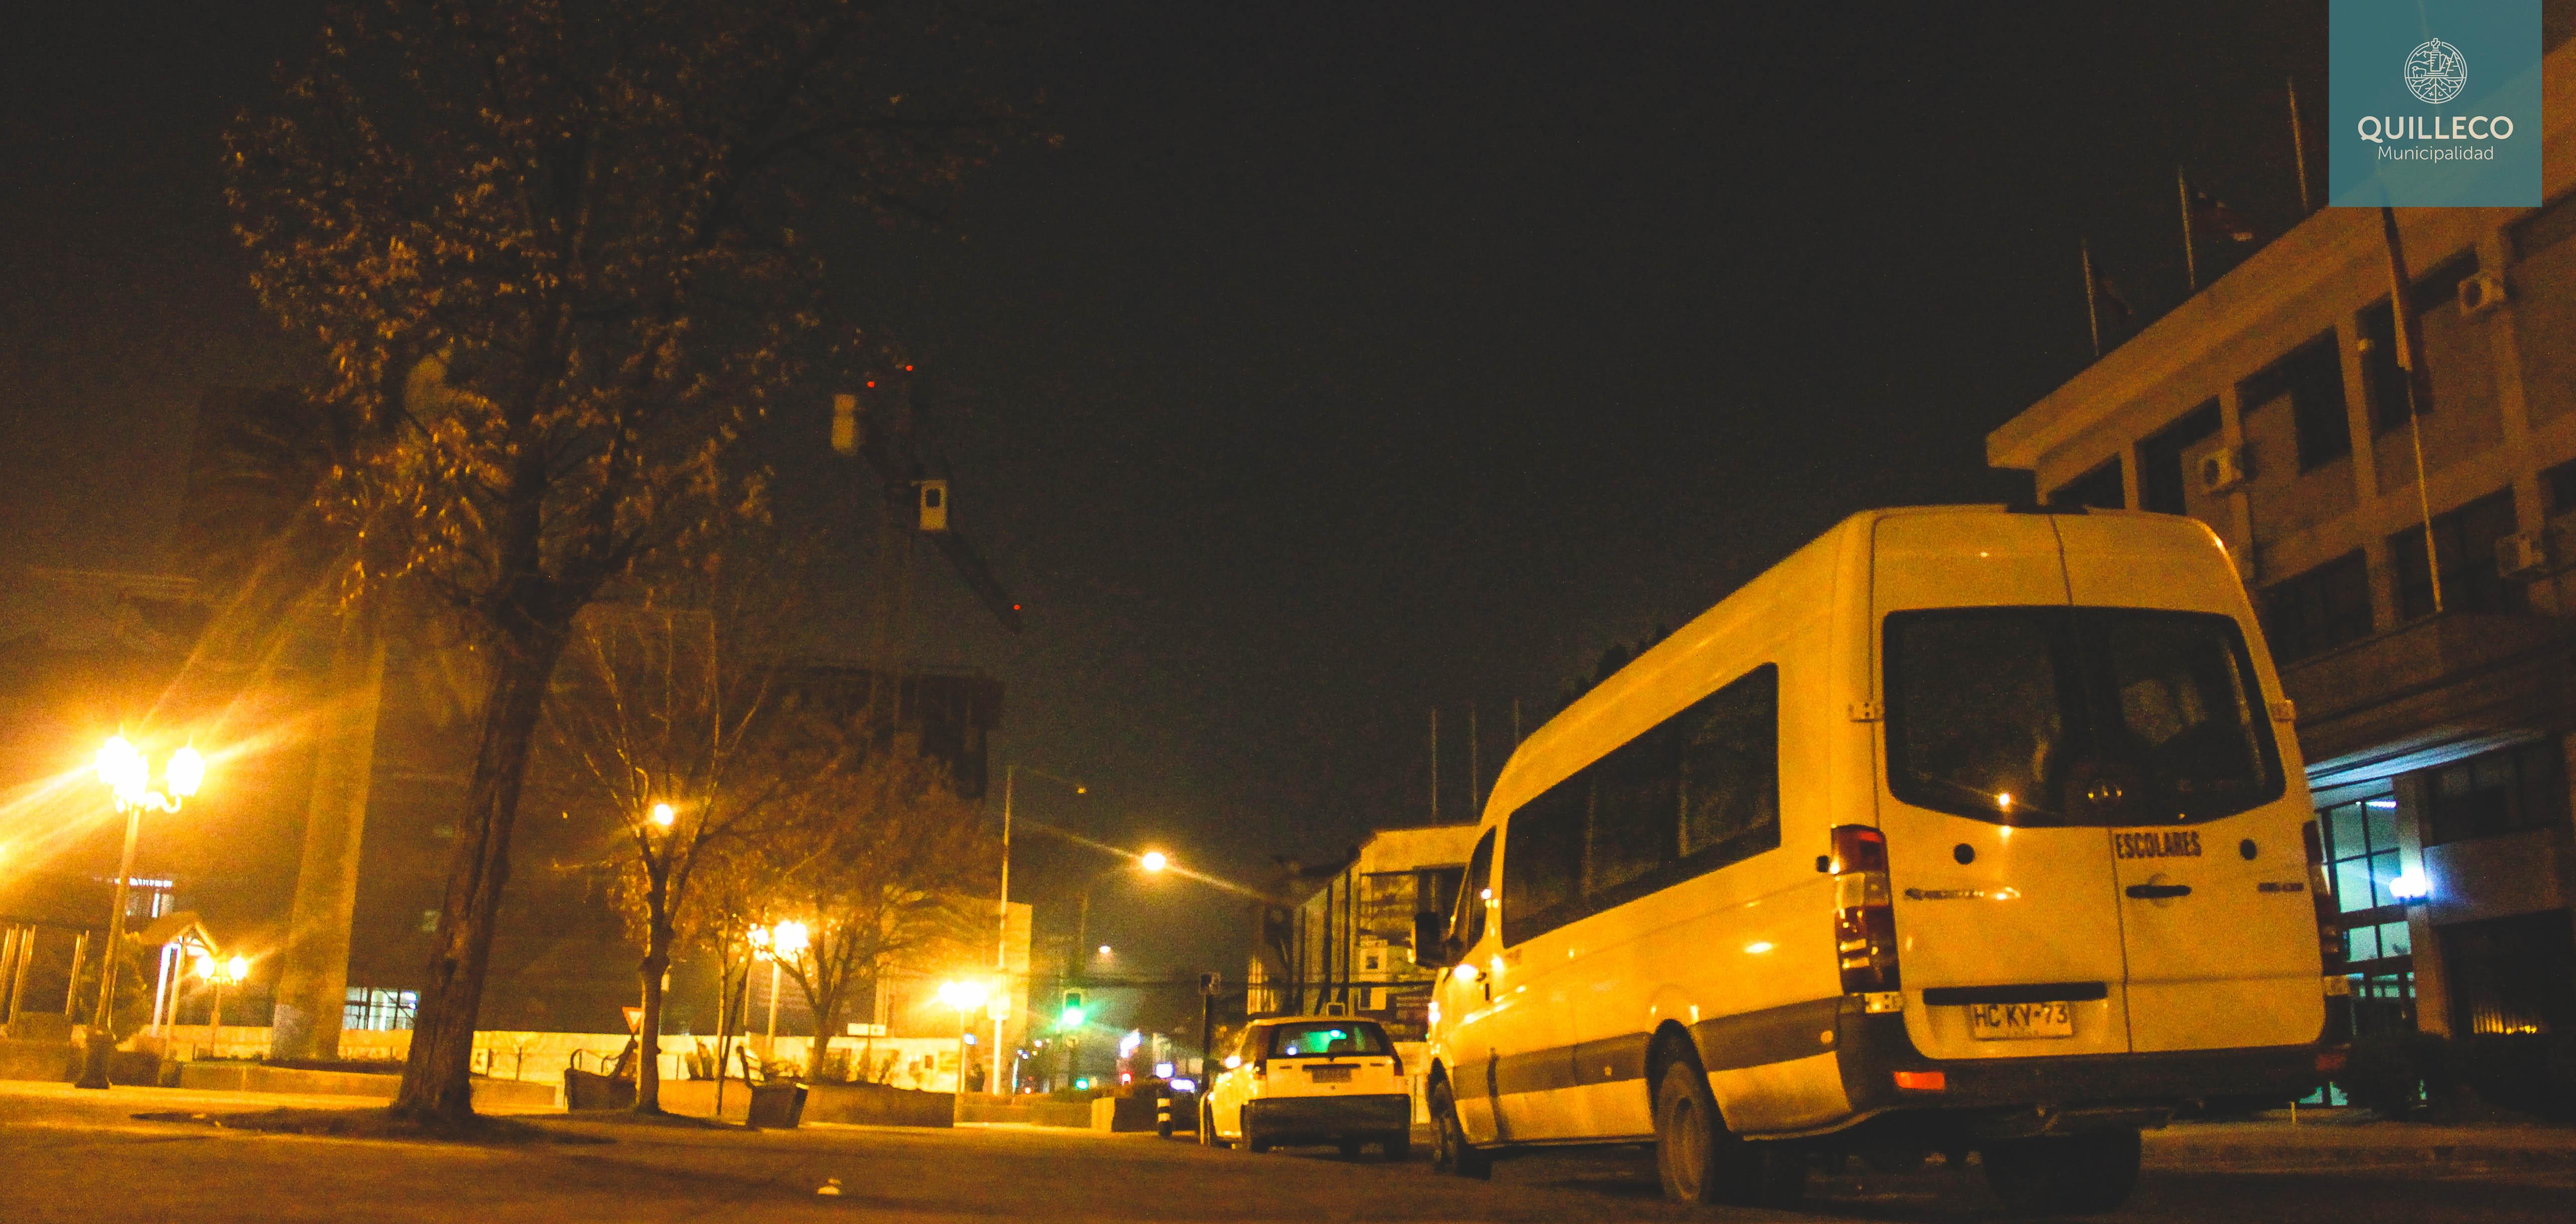 """Alcalde Jaime Quilodrán visita a estudiantes que utilizan el programa de apoyo a """"Movilización de Estudiantes Vespertinos Los Ángeles – Quilleco""""."""